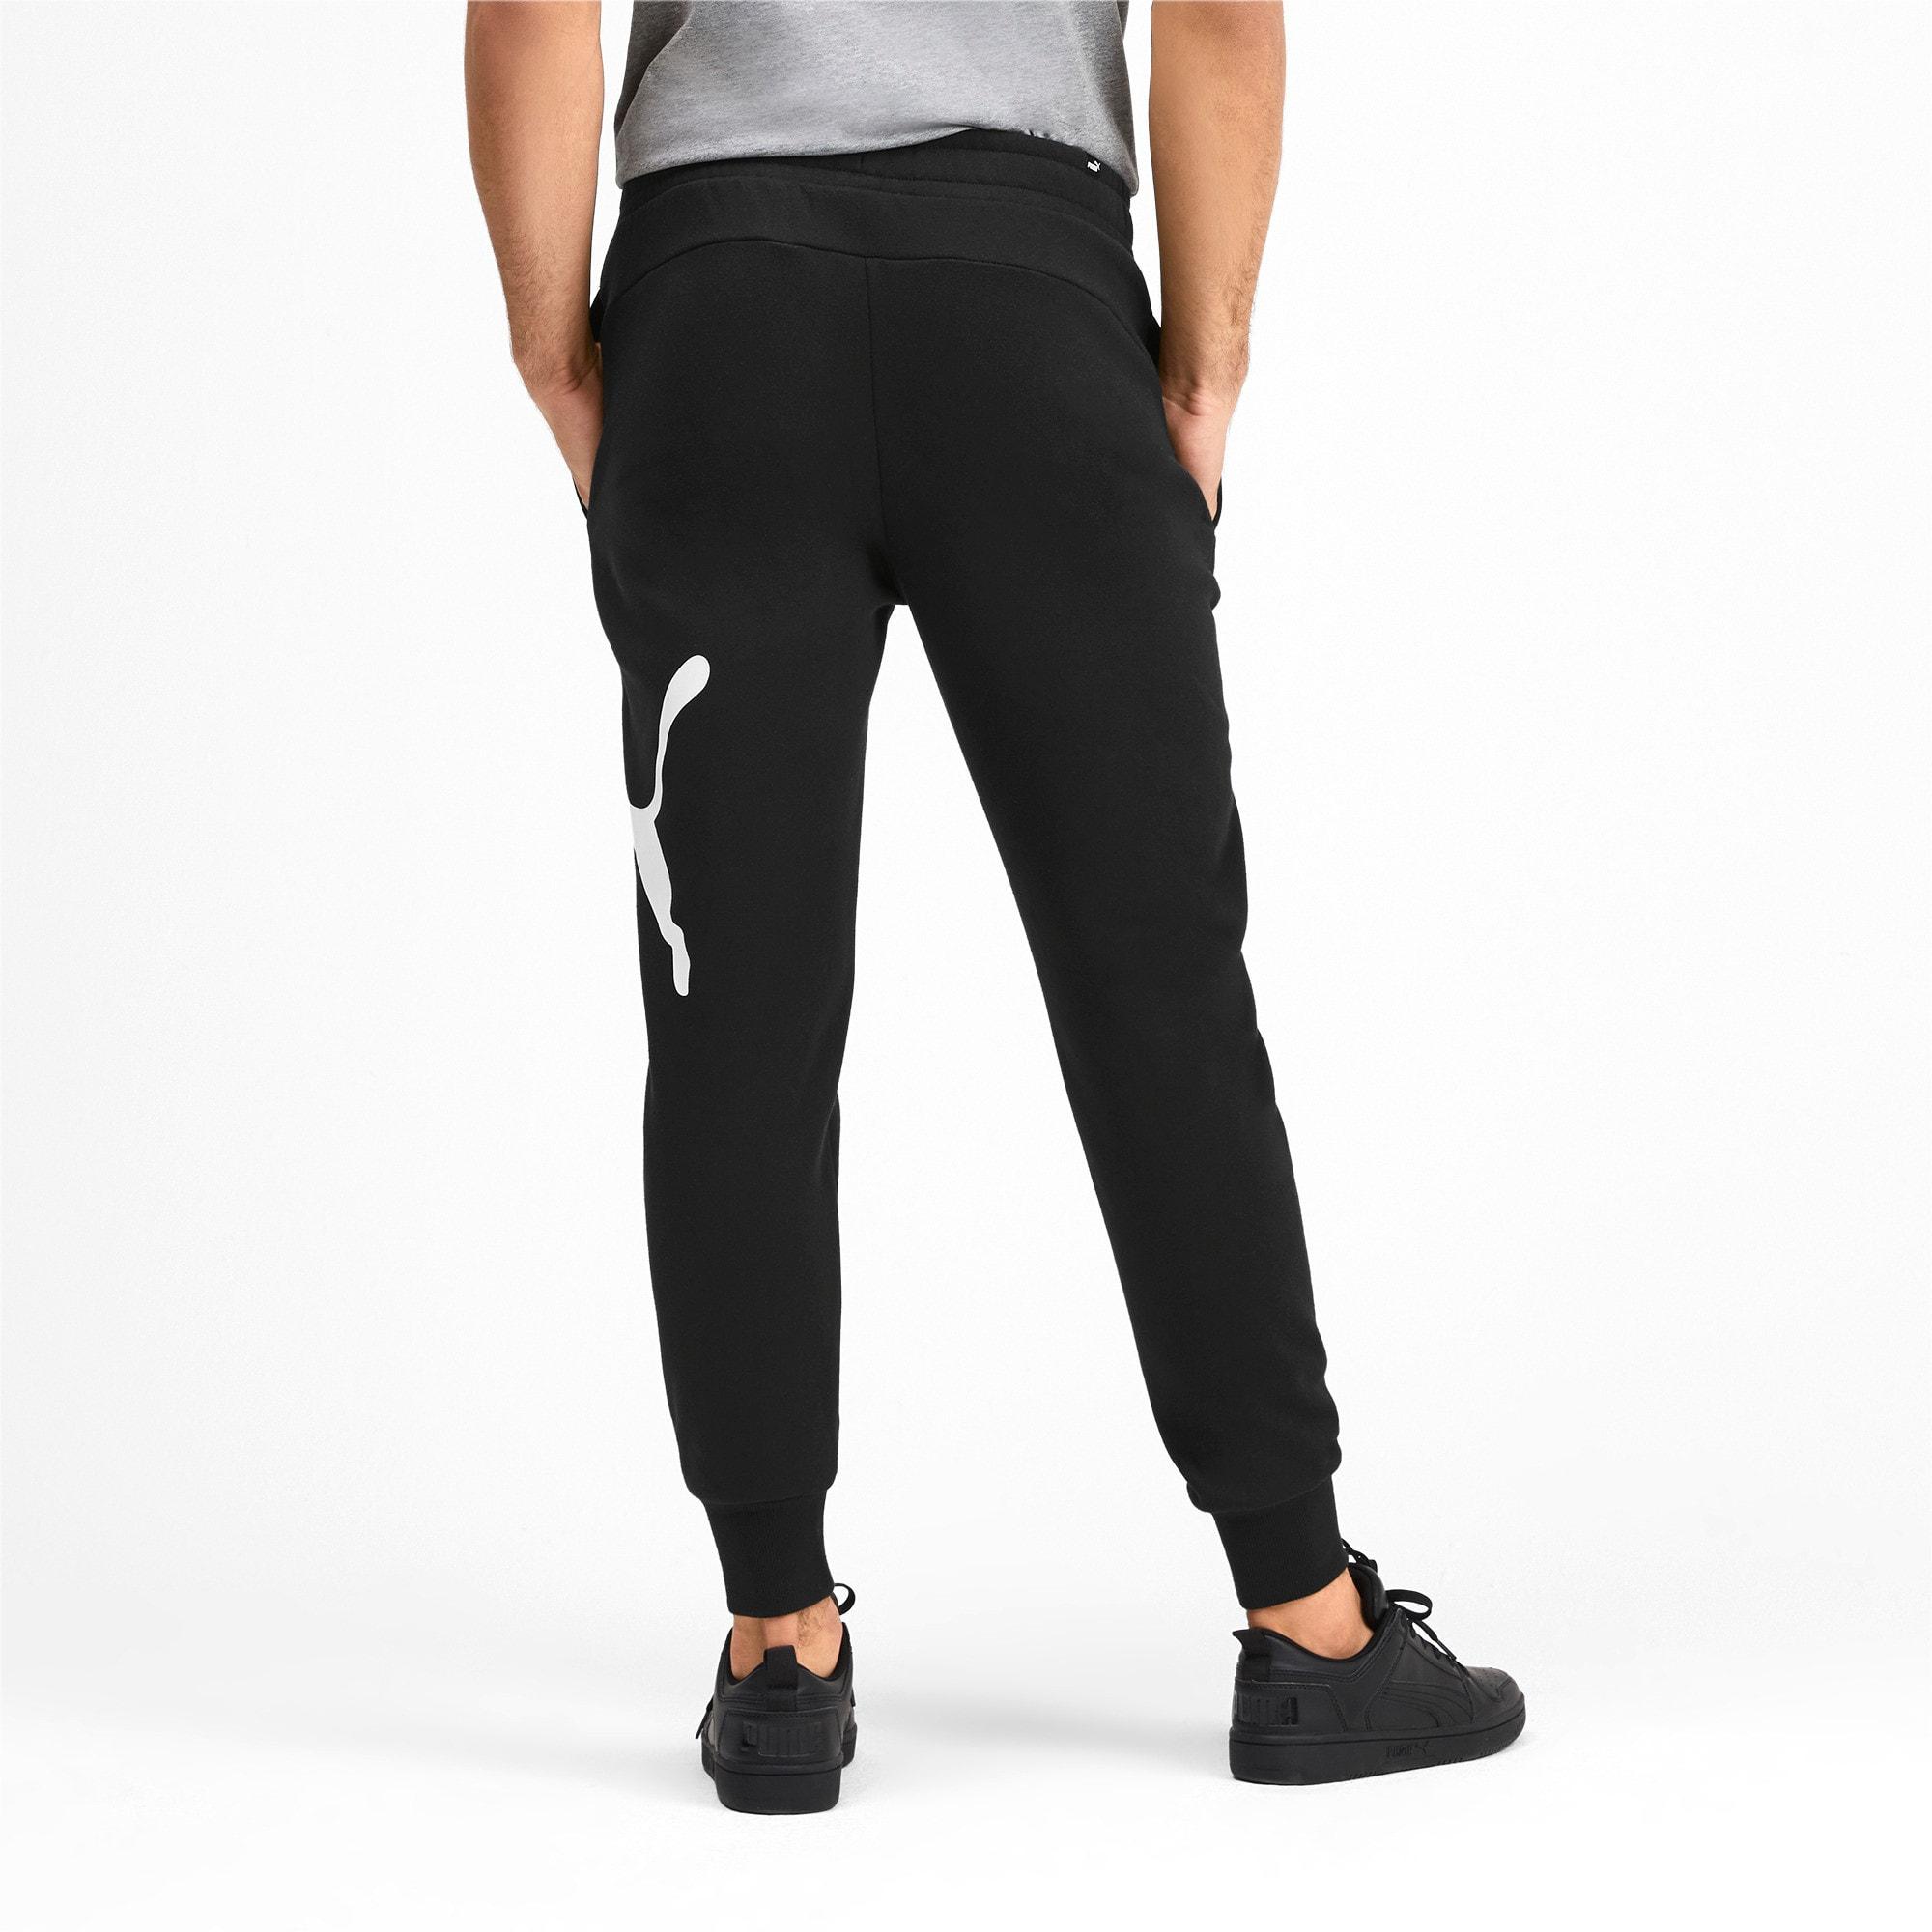 Thumbnail 3 of Men's Big Logo Fleece Sweatpants, Puma Black, medium